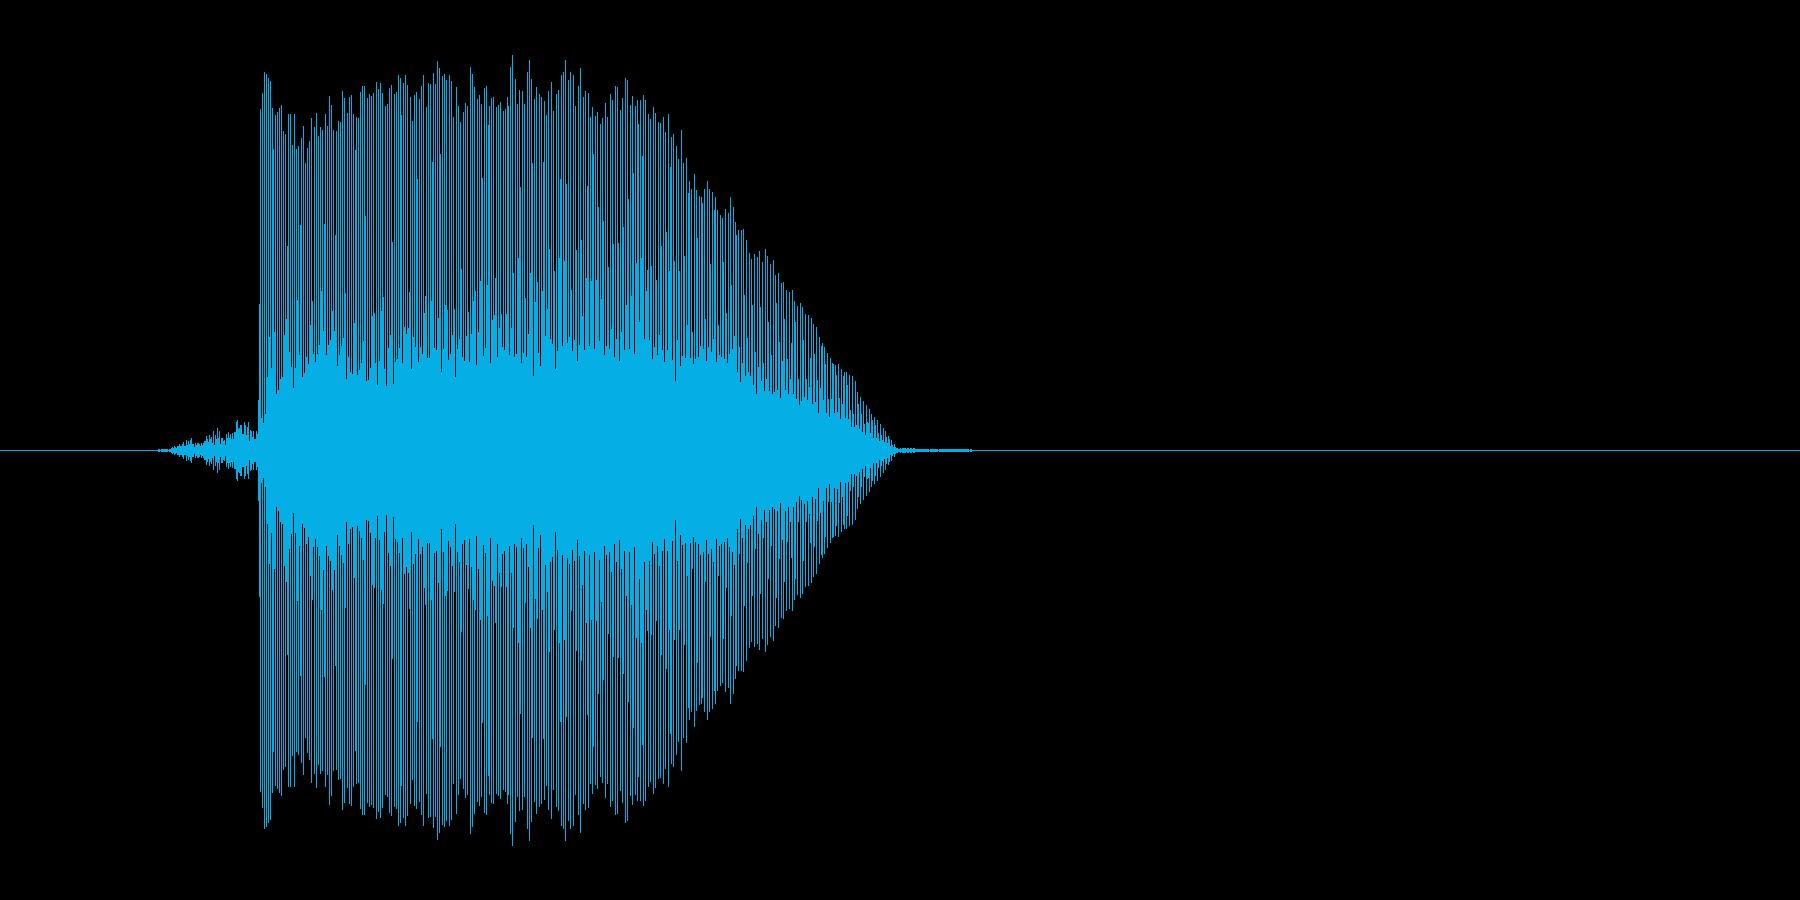 ゲーム(ファミコン風)レーザー音_023の再生済みの波形